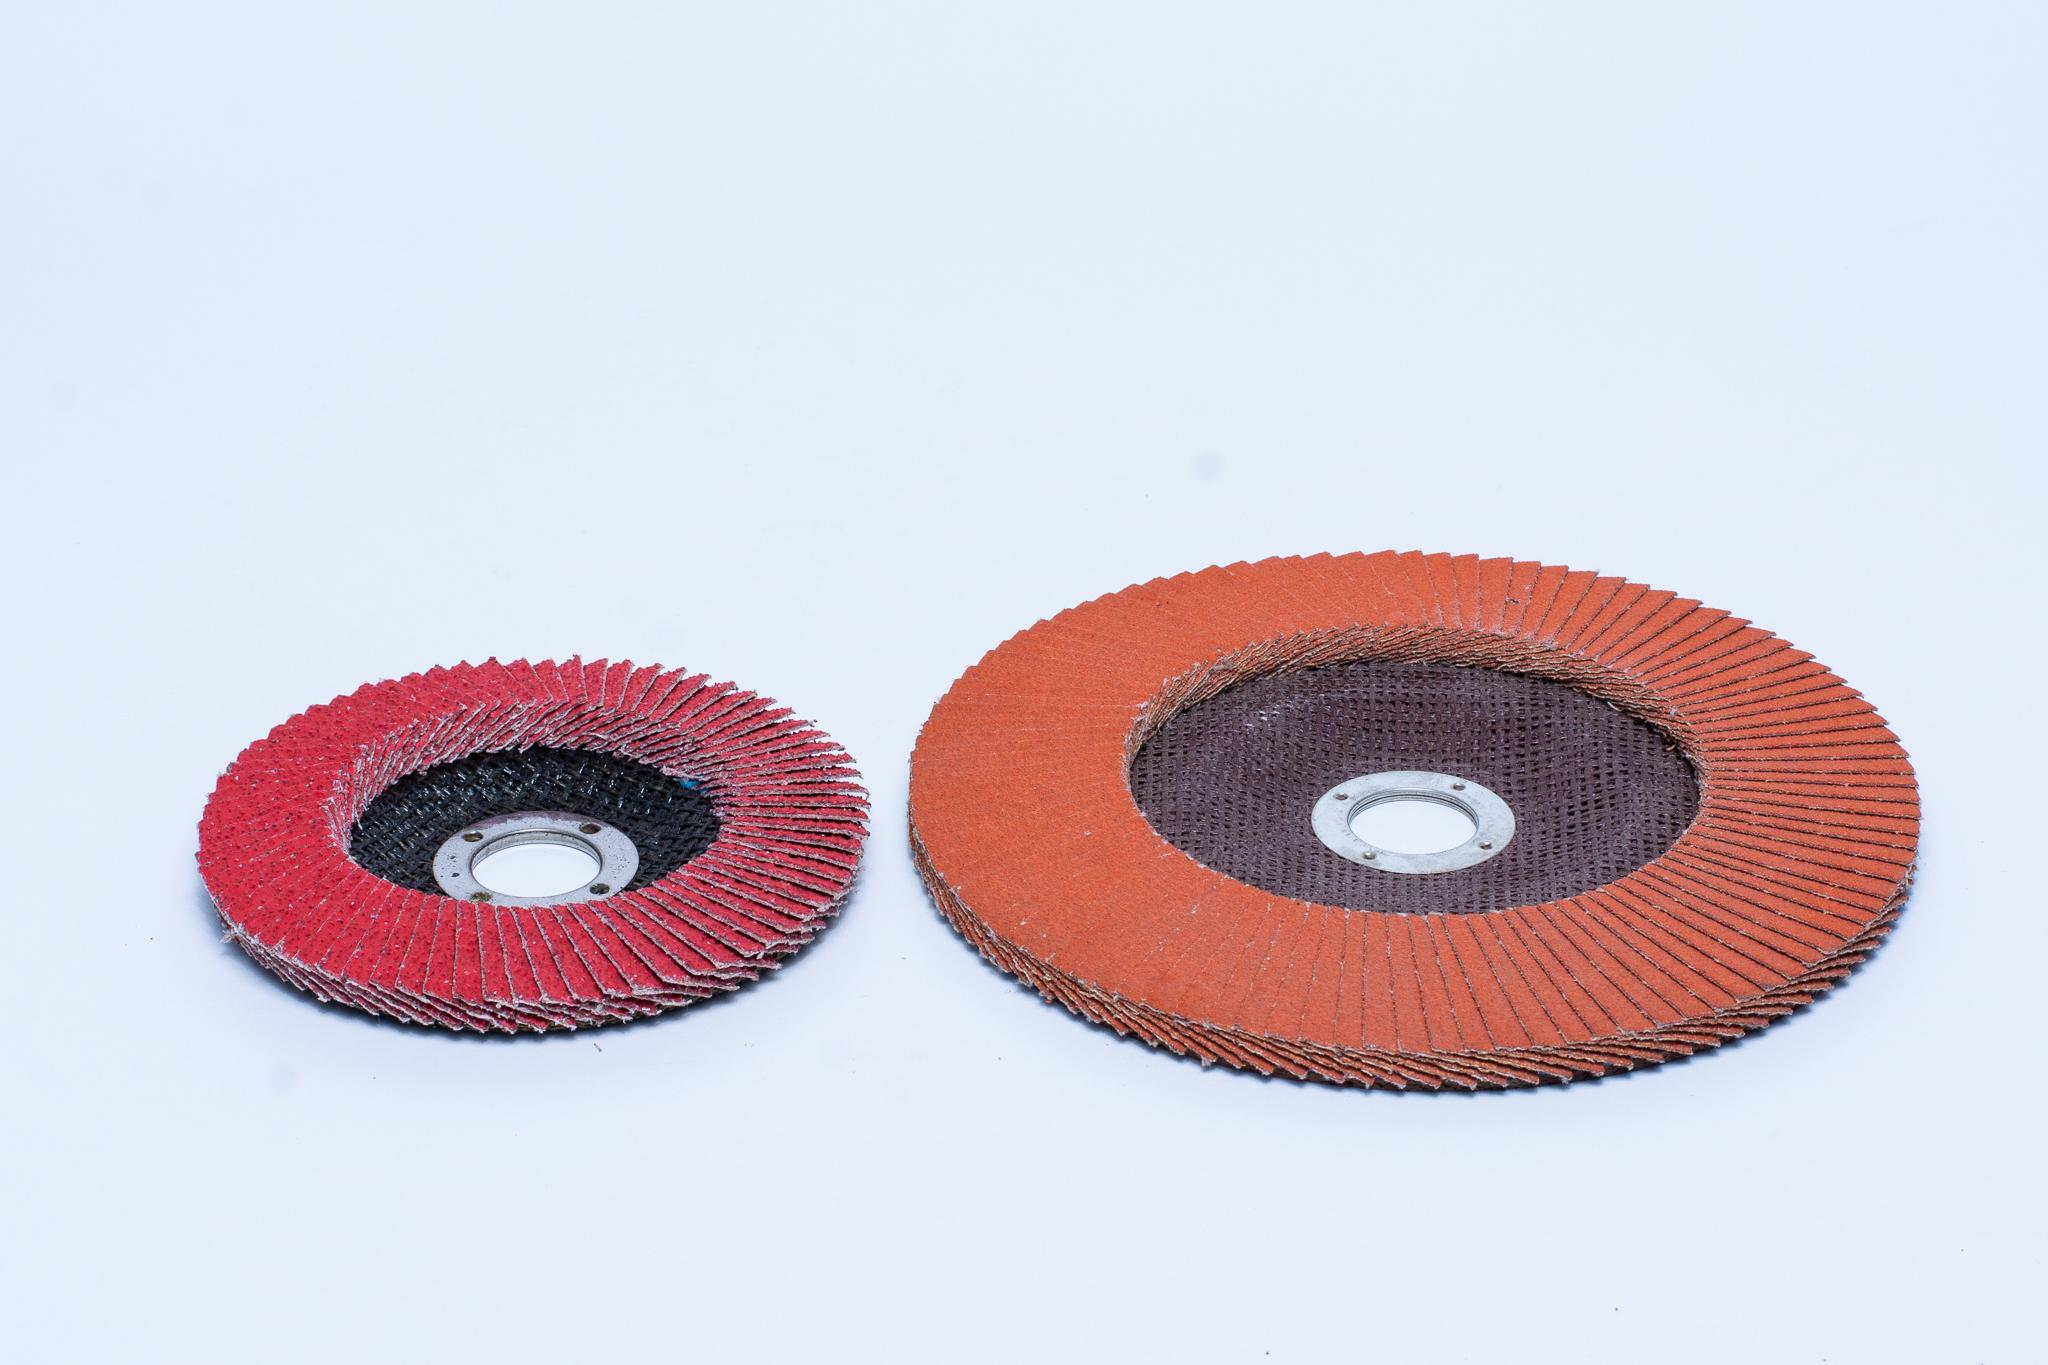 Rebuff-ceramic-flapdiscs